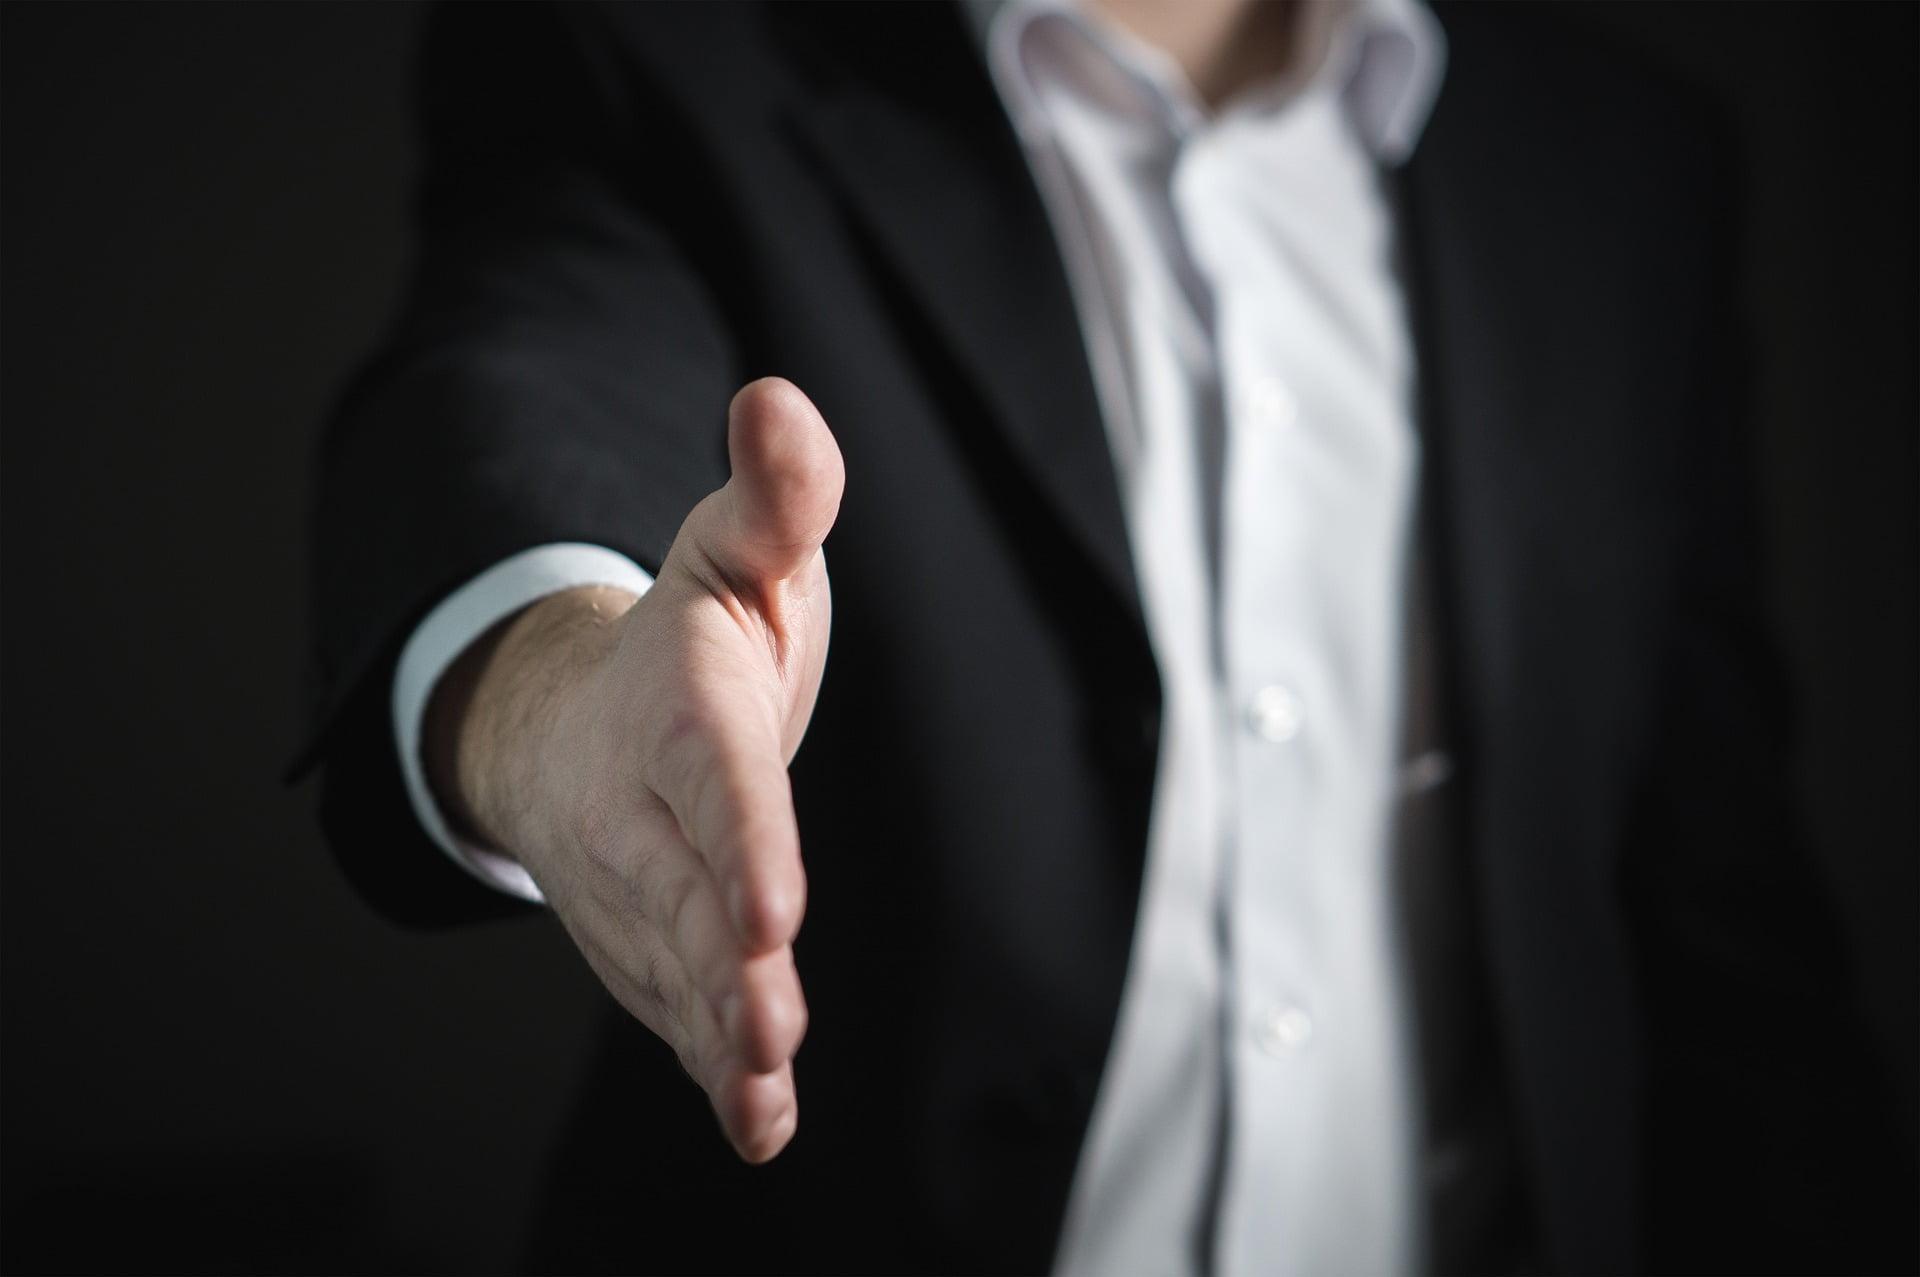 Het aanbieden van outplacement bij ontslag door de werkgever wordt vaak gezien als goed werkgeverschap